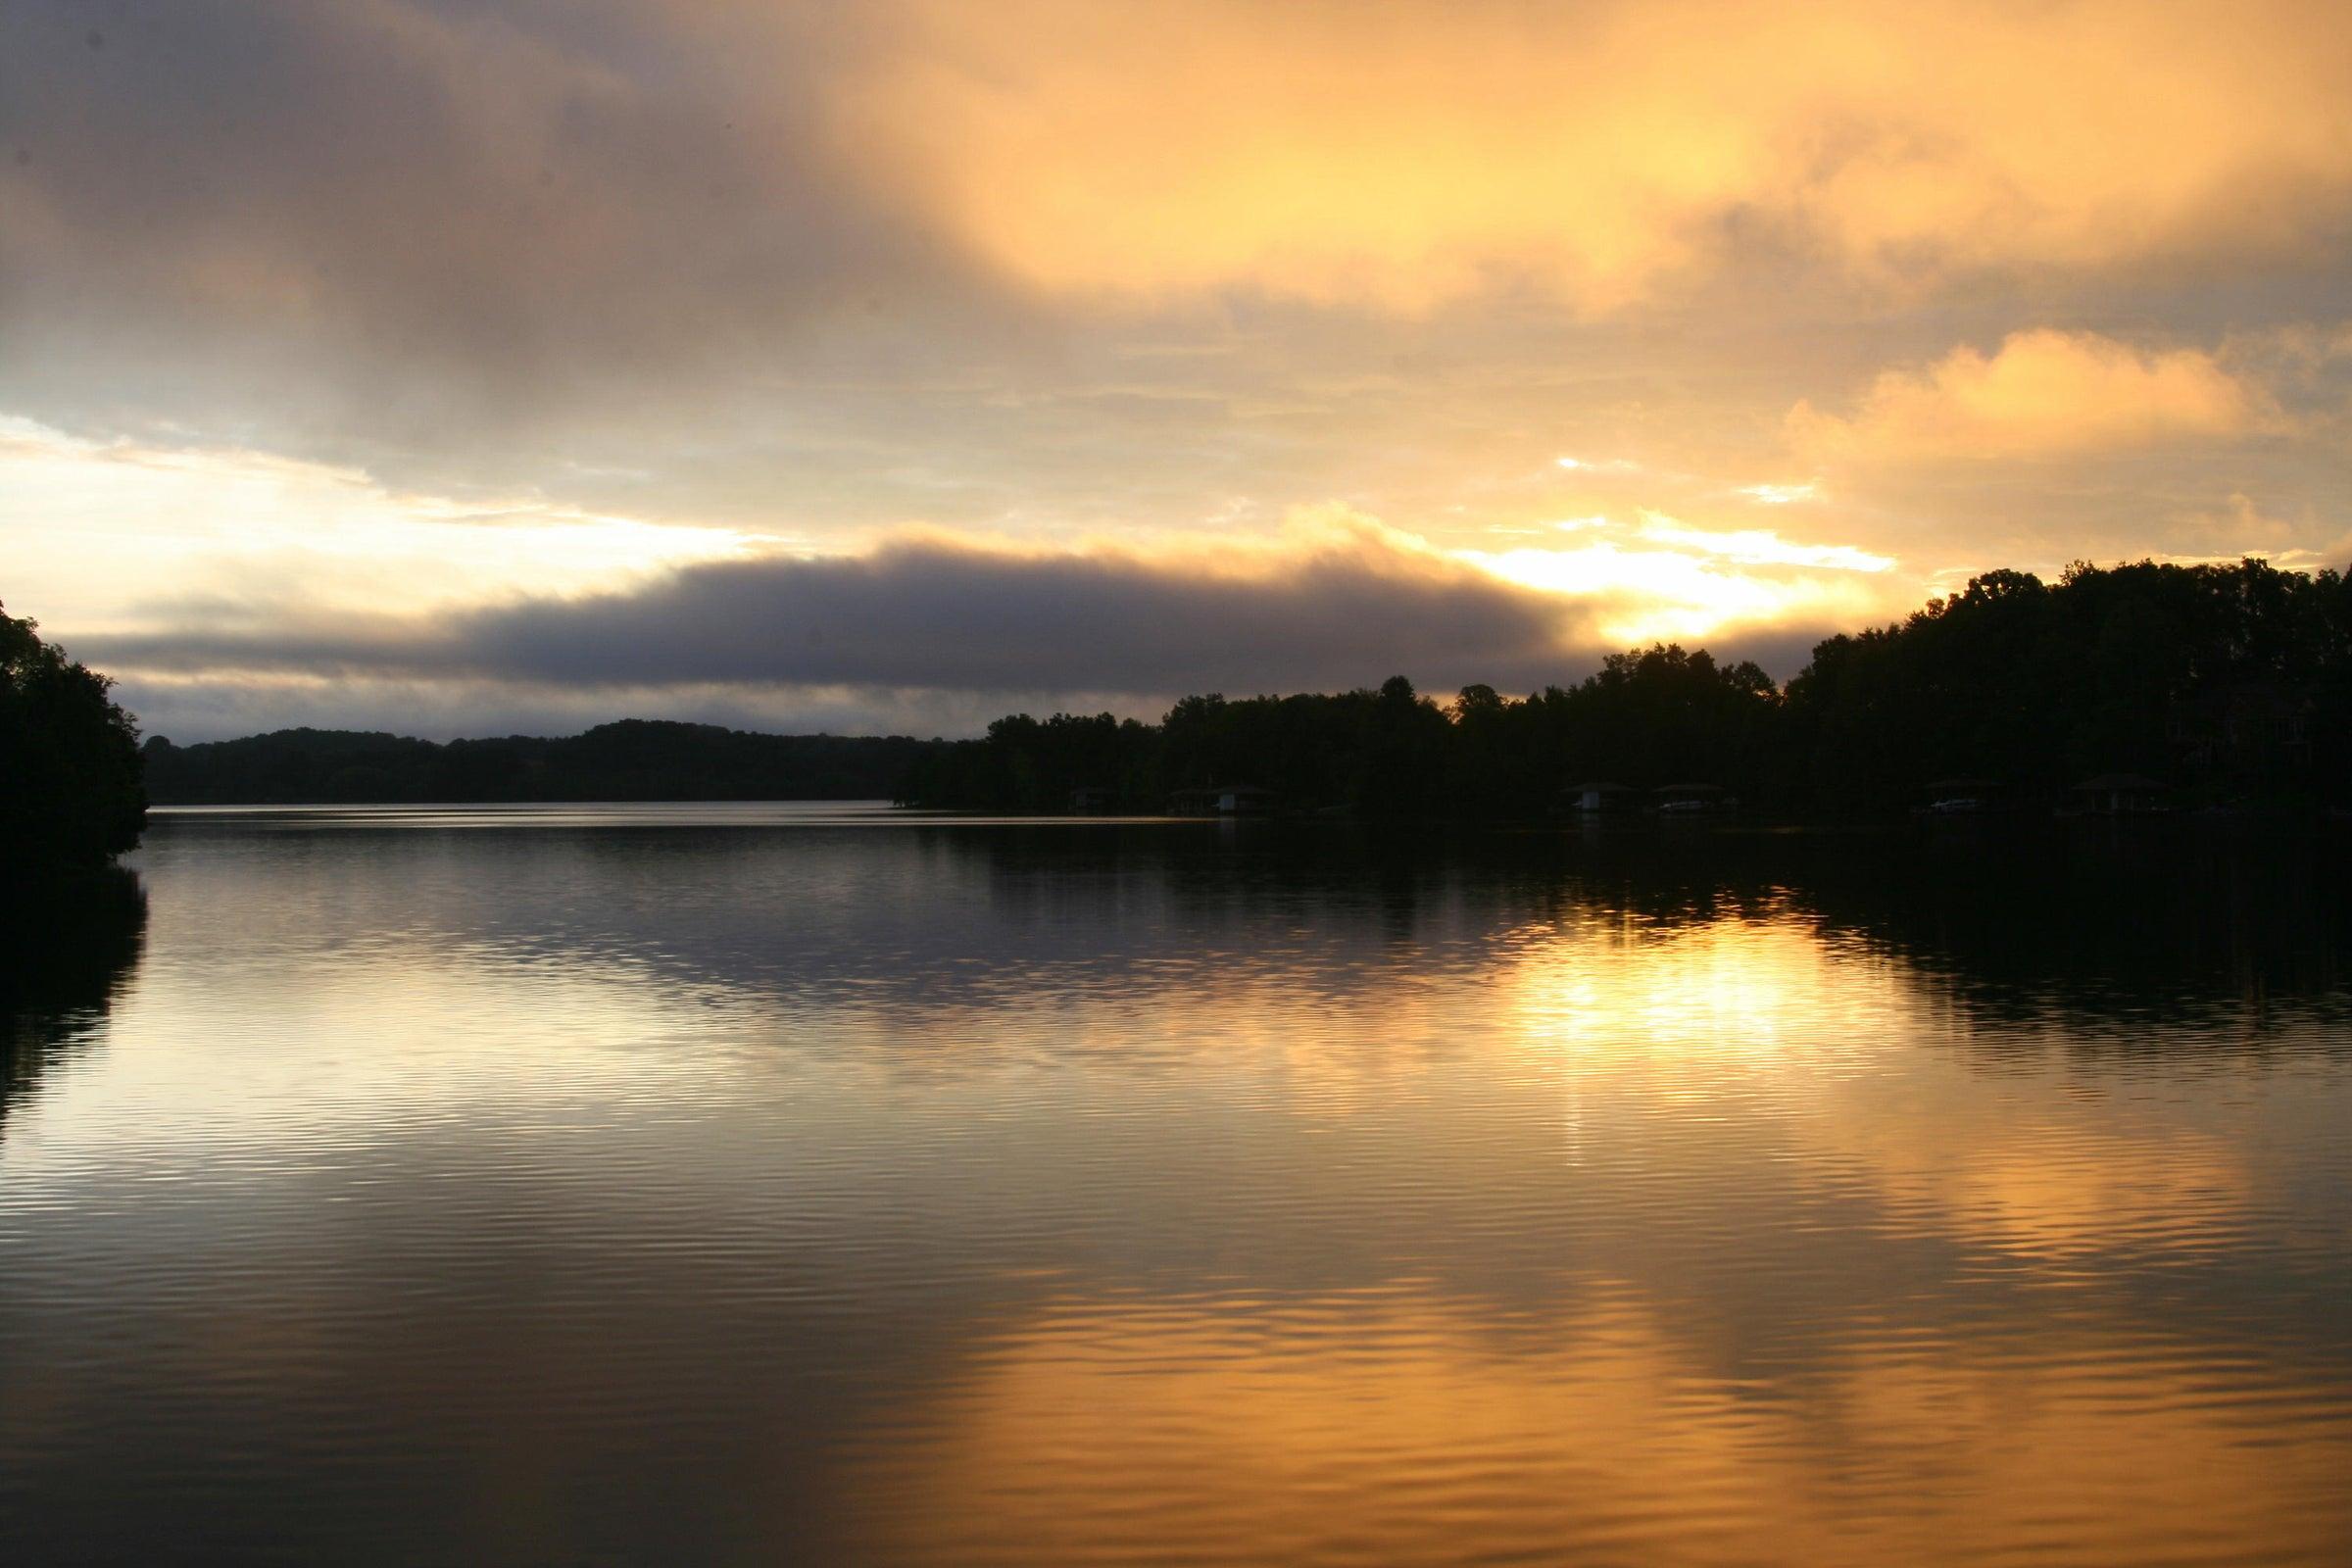 Rarity sunset ariel